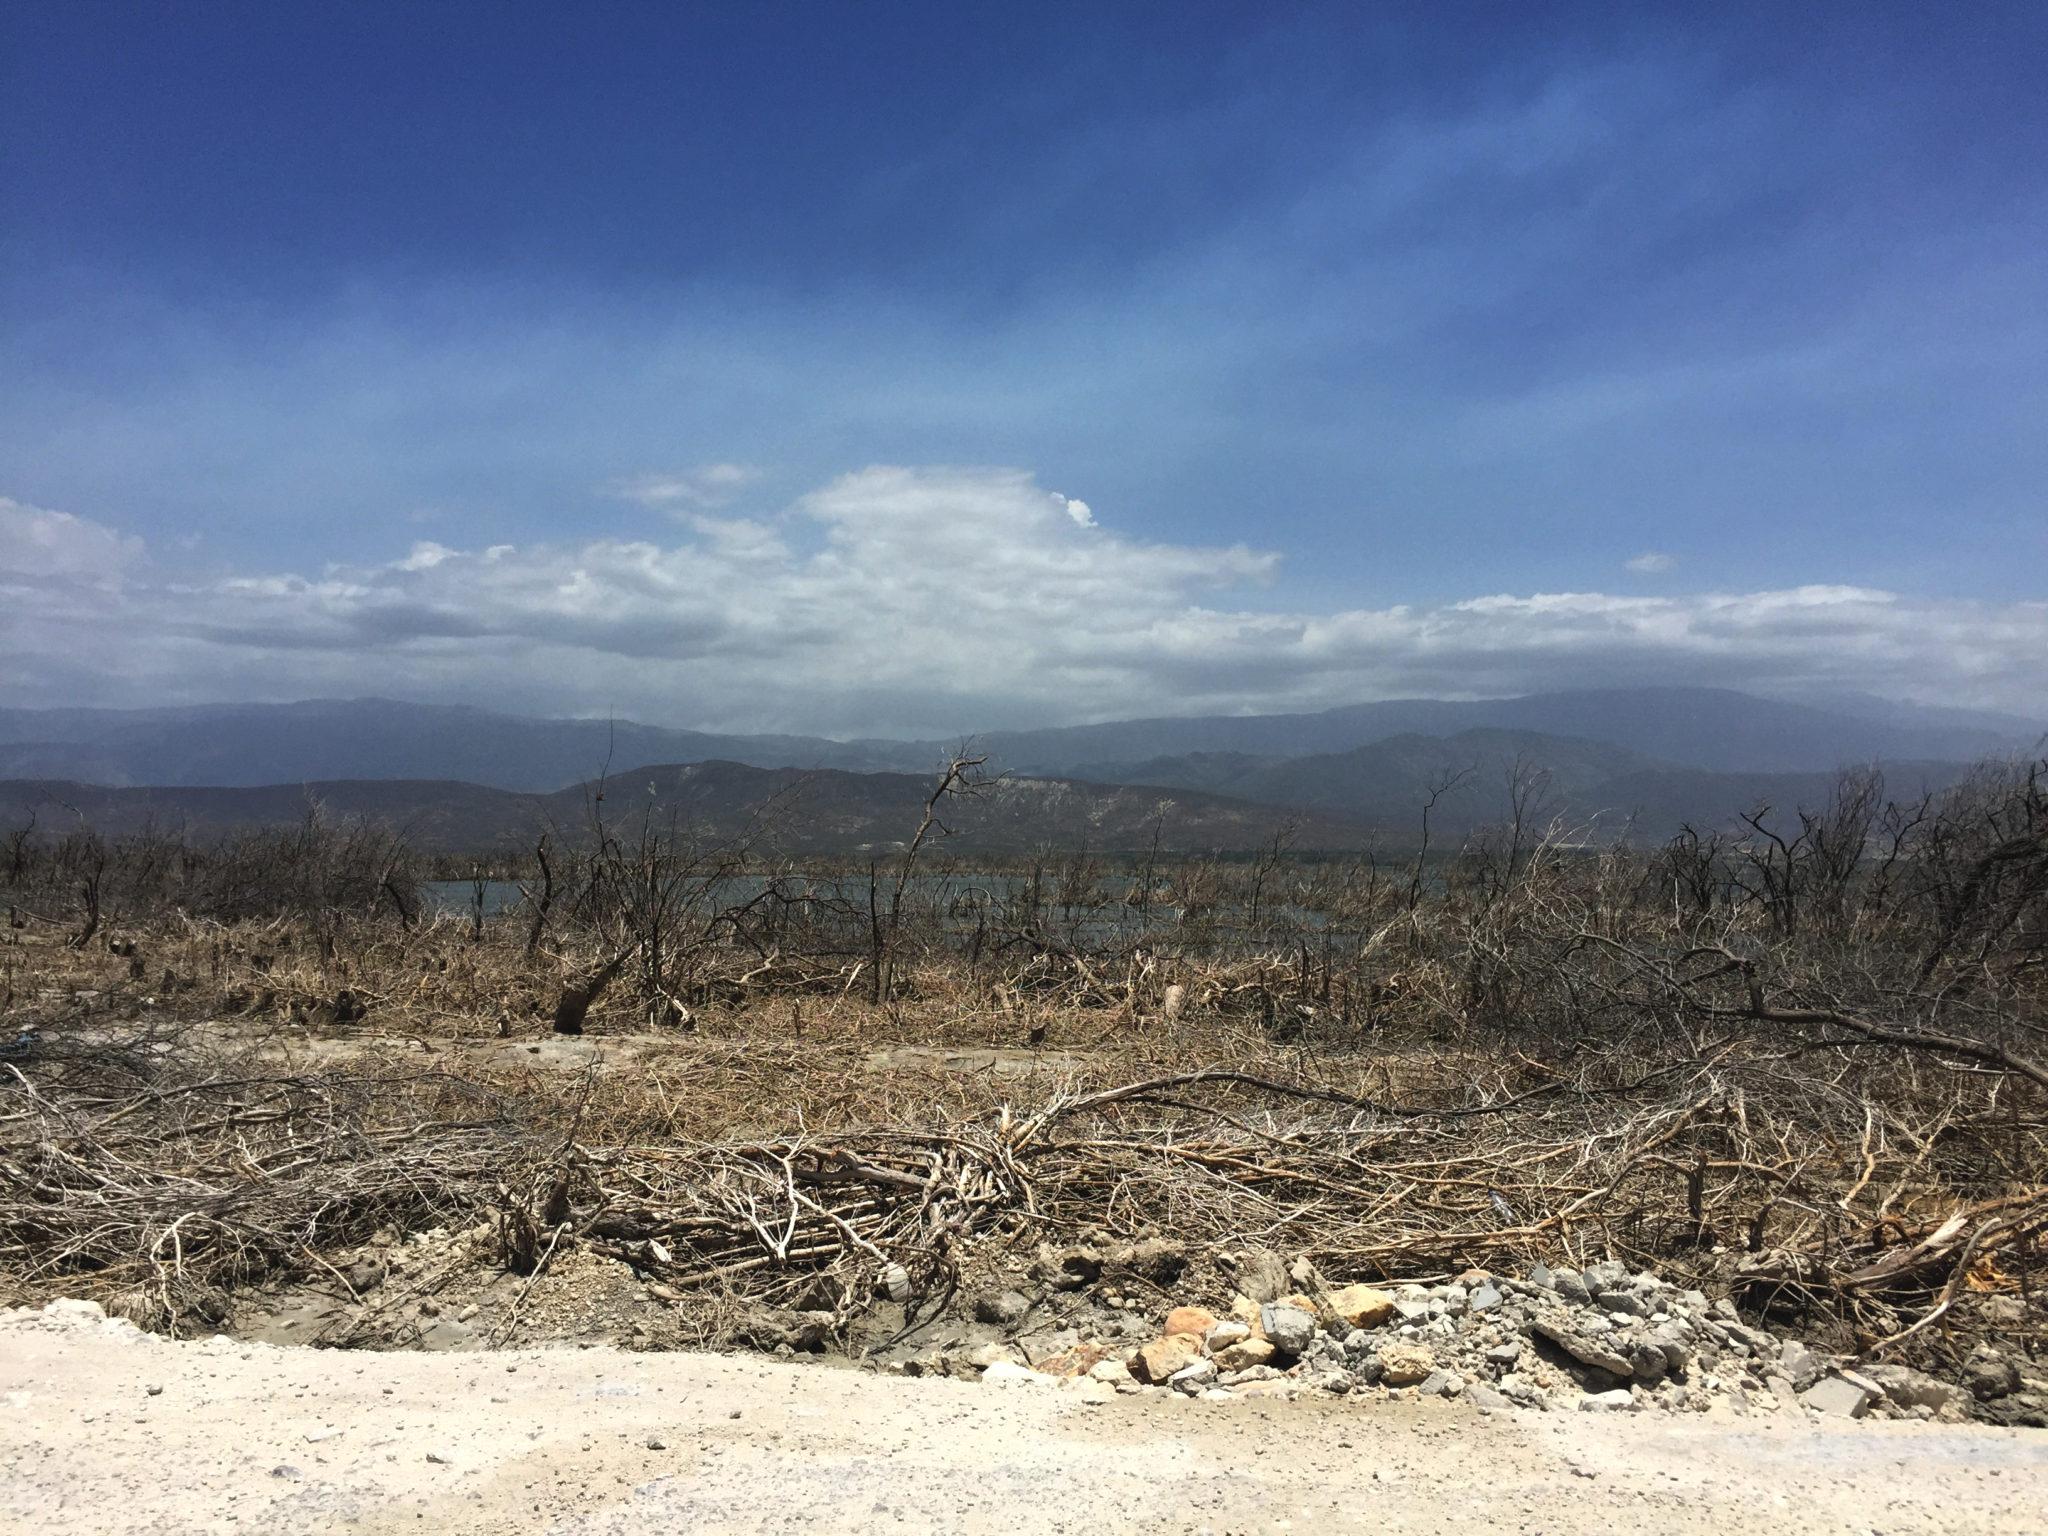 Republique_dominicaine_route_lago_enriquillo_paysage_climat_sec